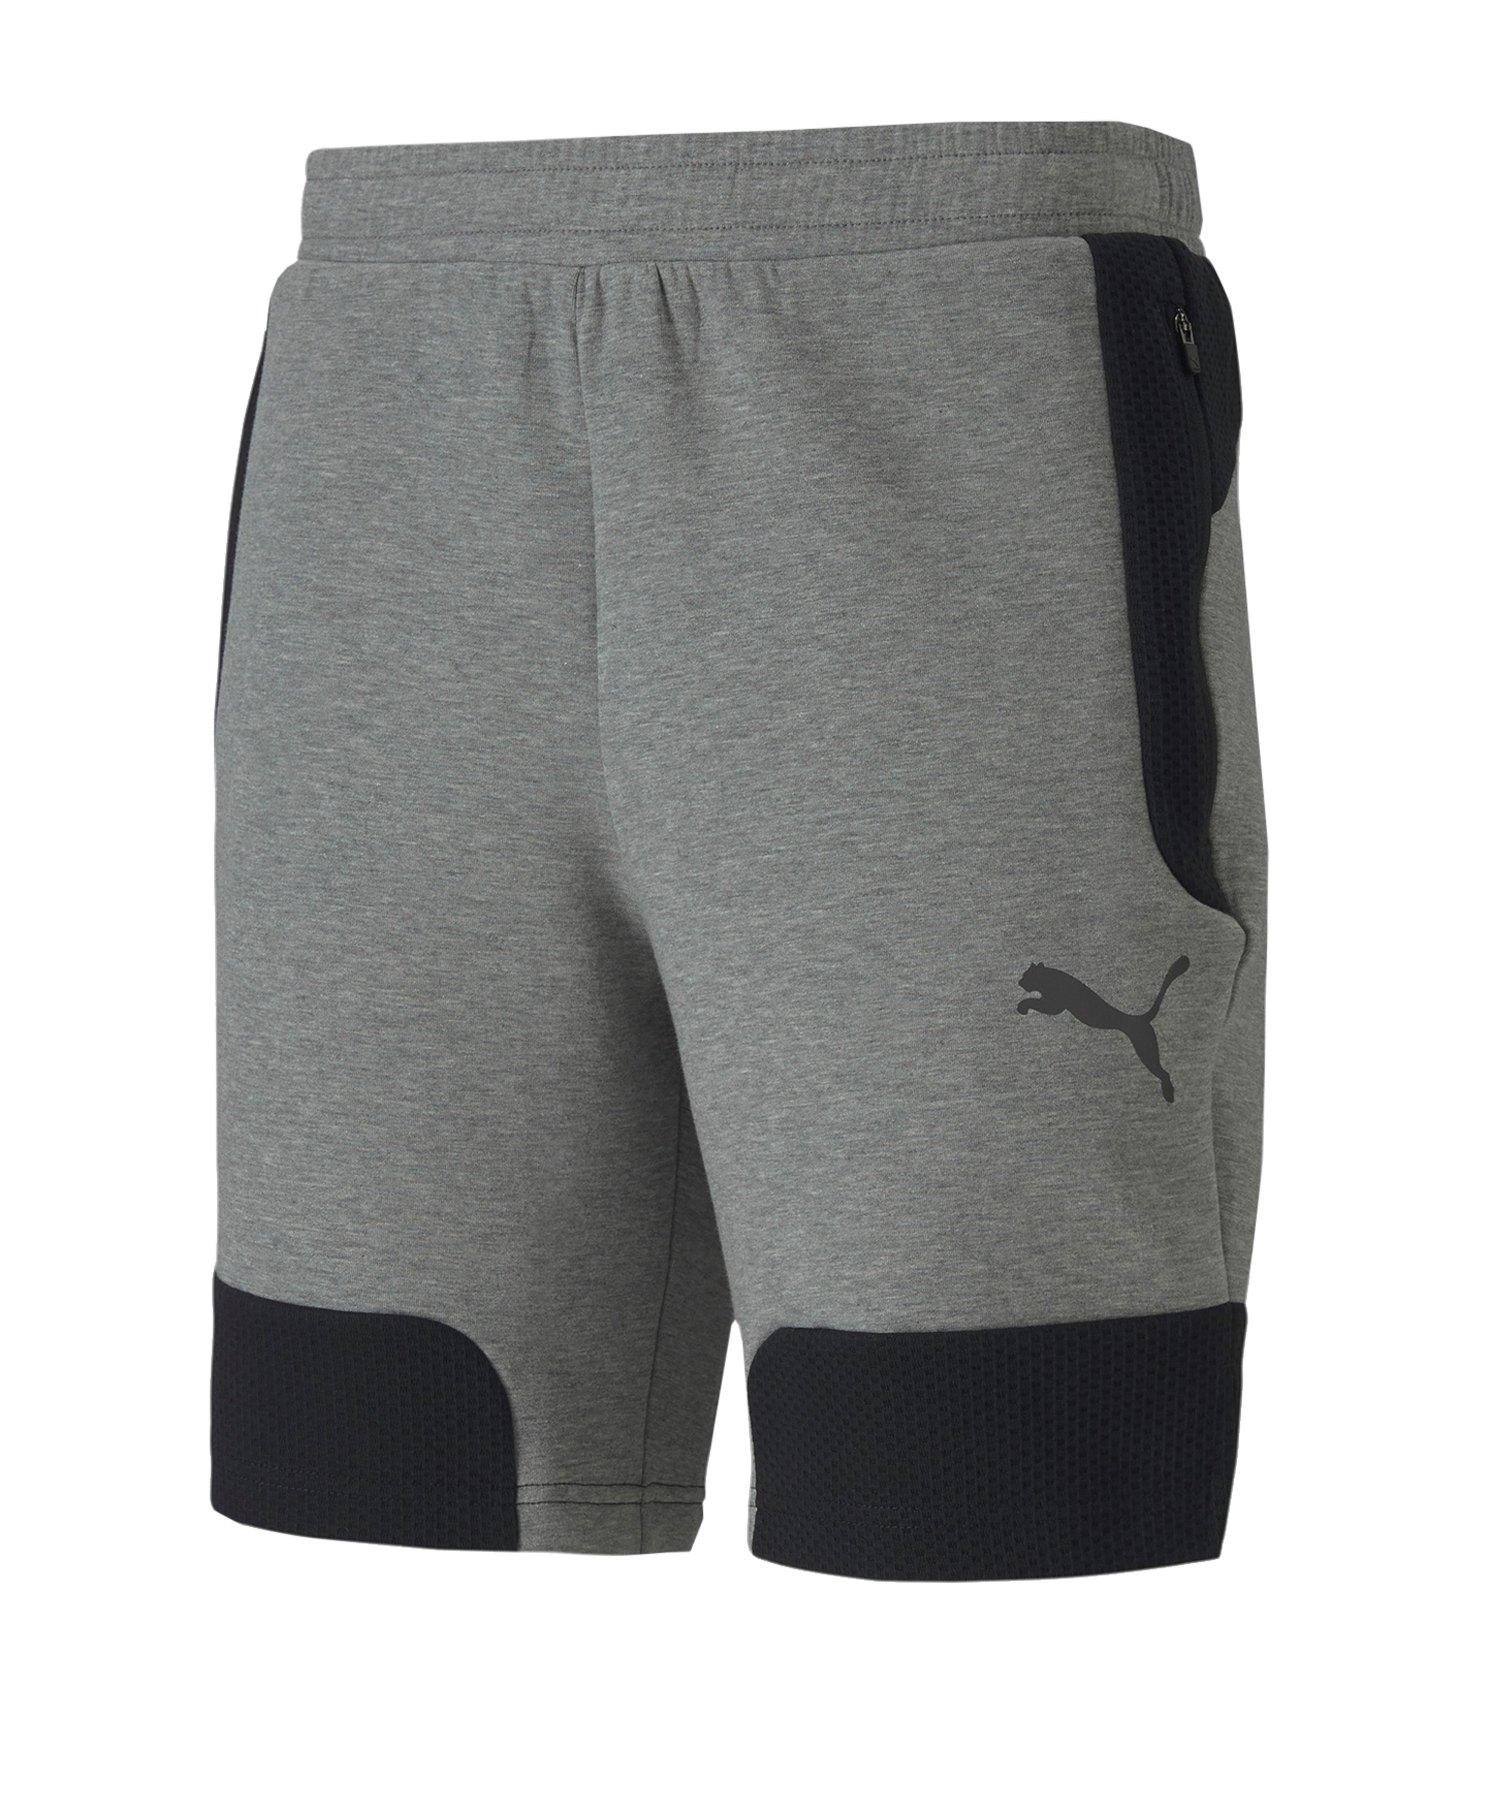 PUMA Evostripe Shorts 8 Grau F03 - grau